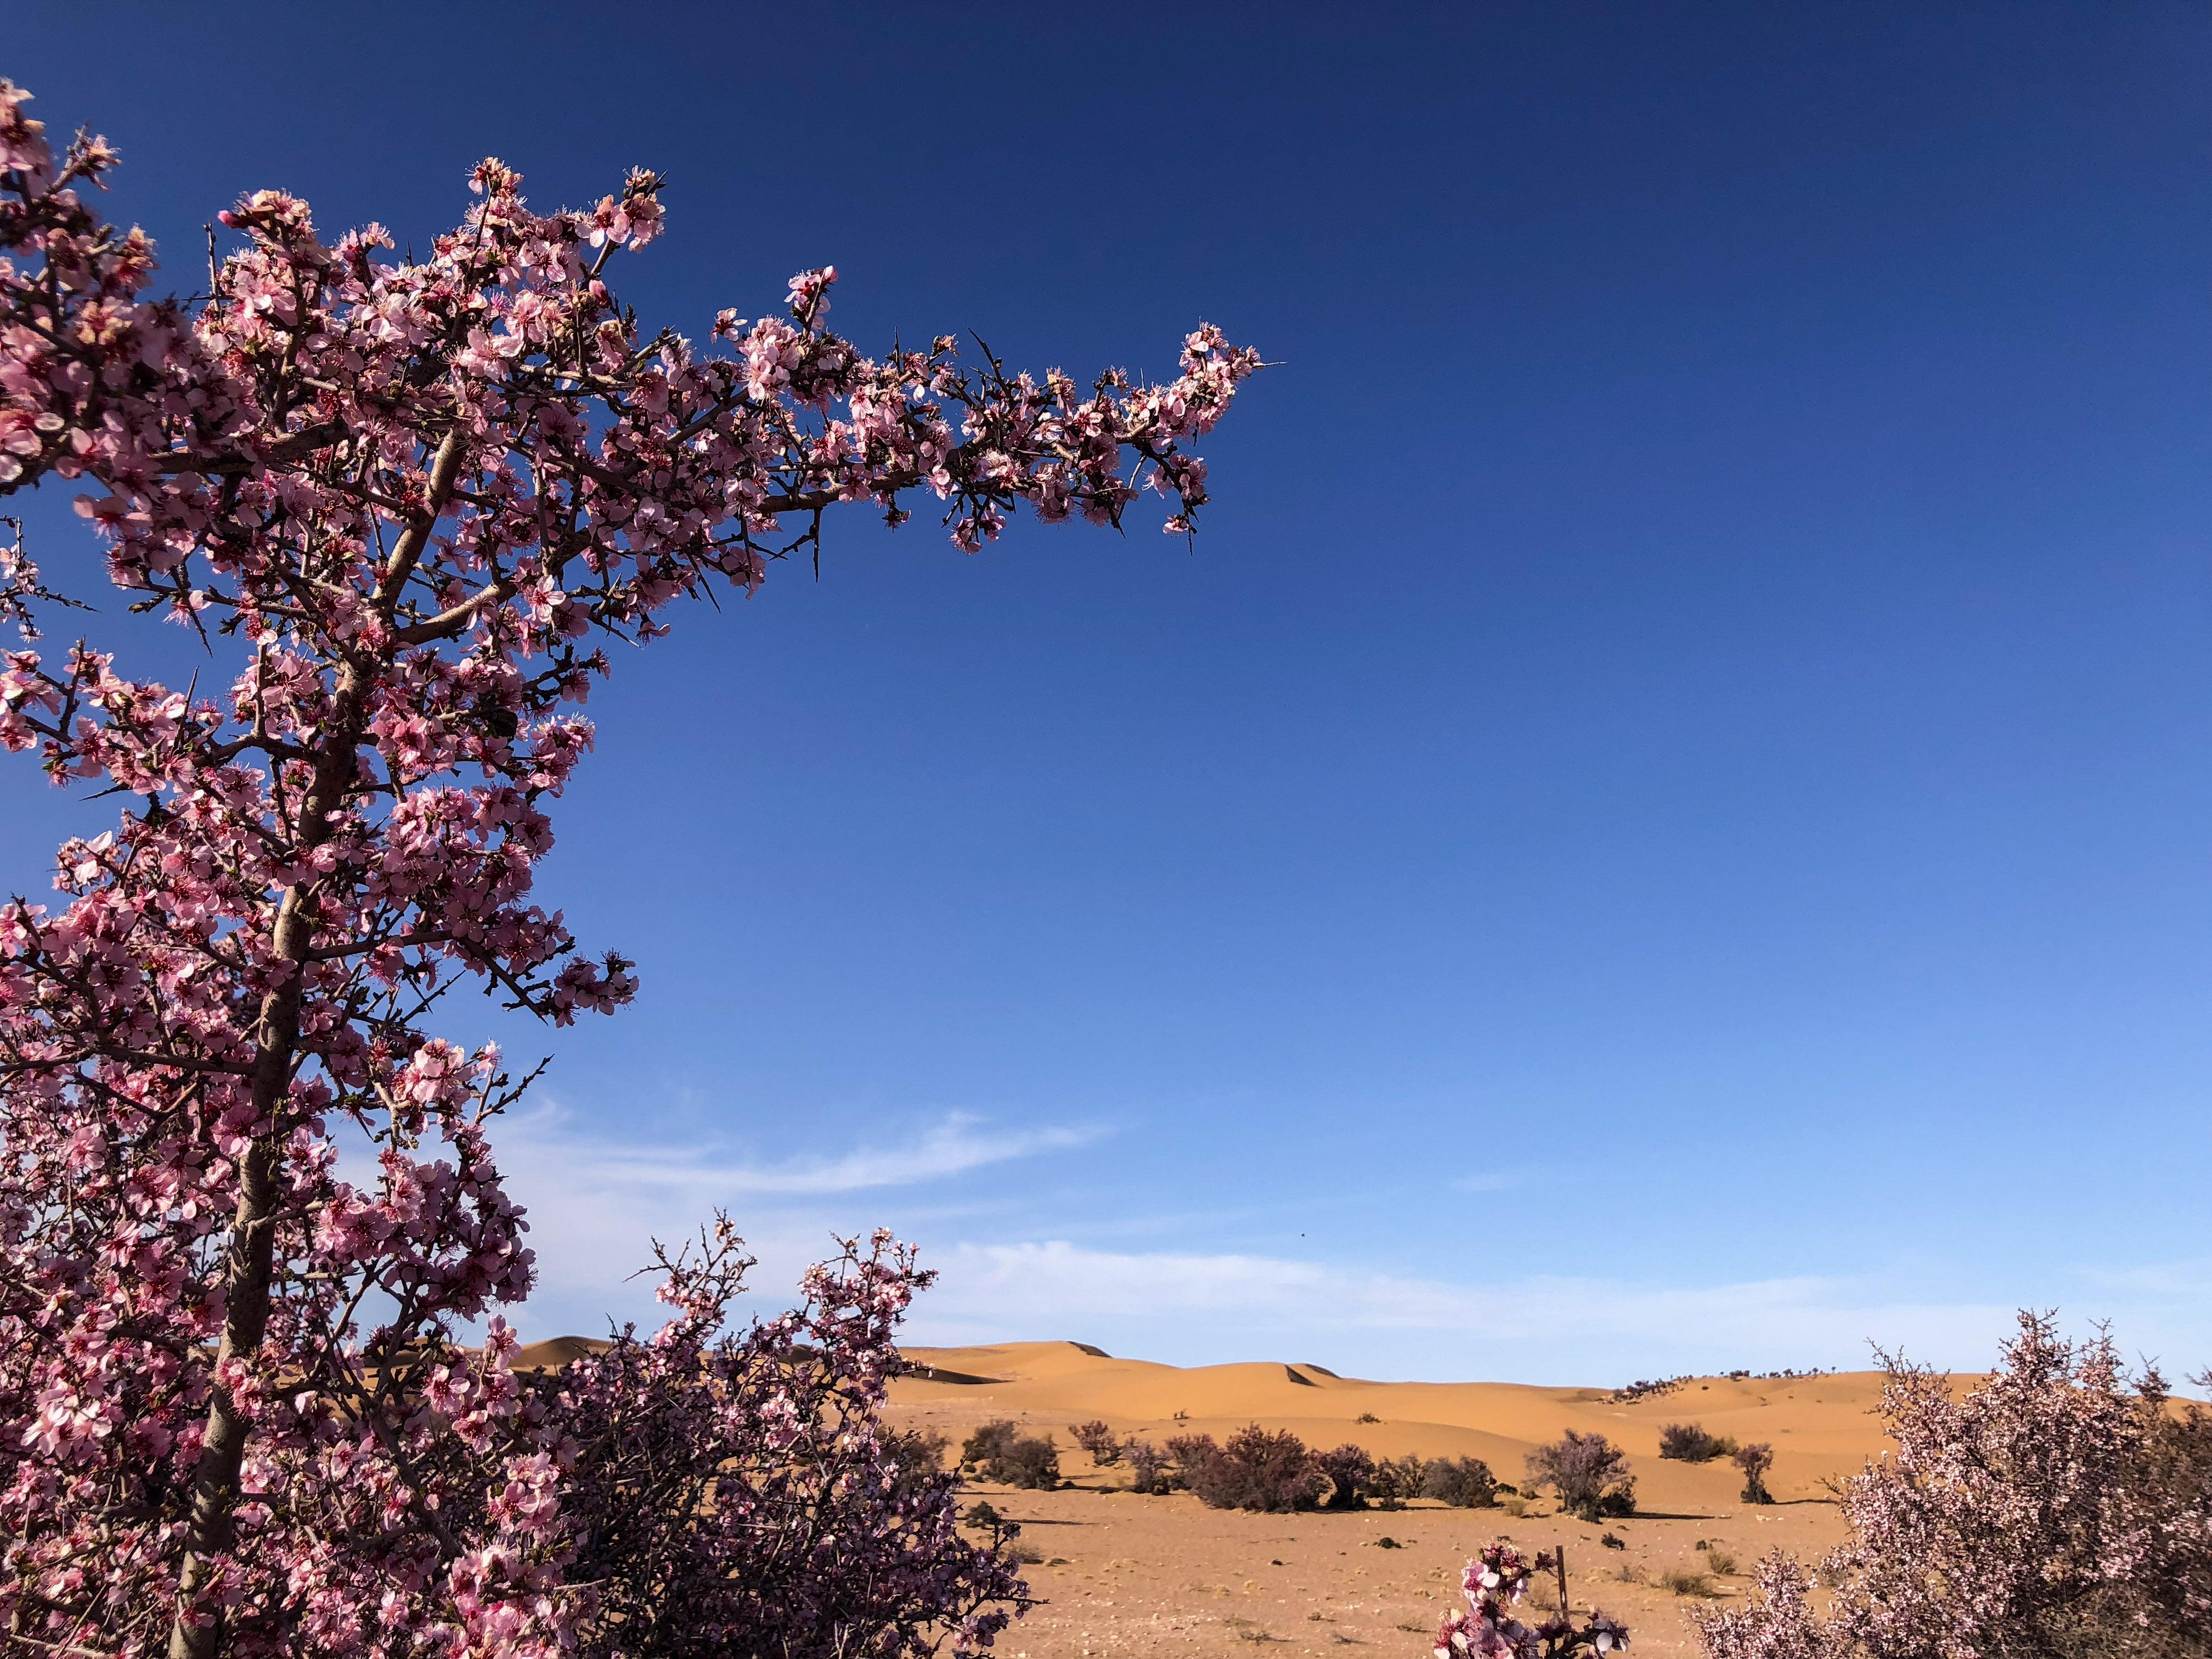 沙漠之花——蒙古扁桃迎来盛花期